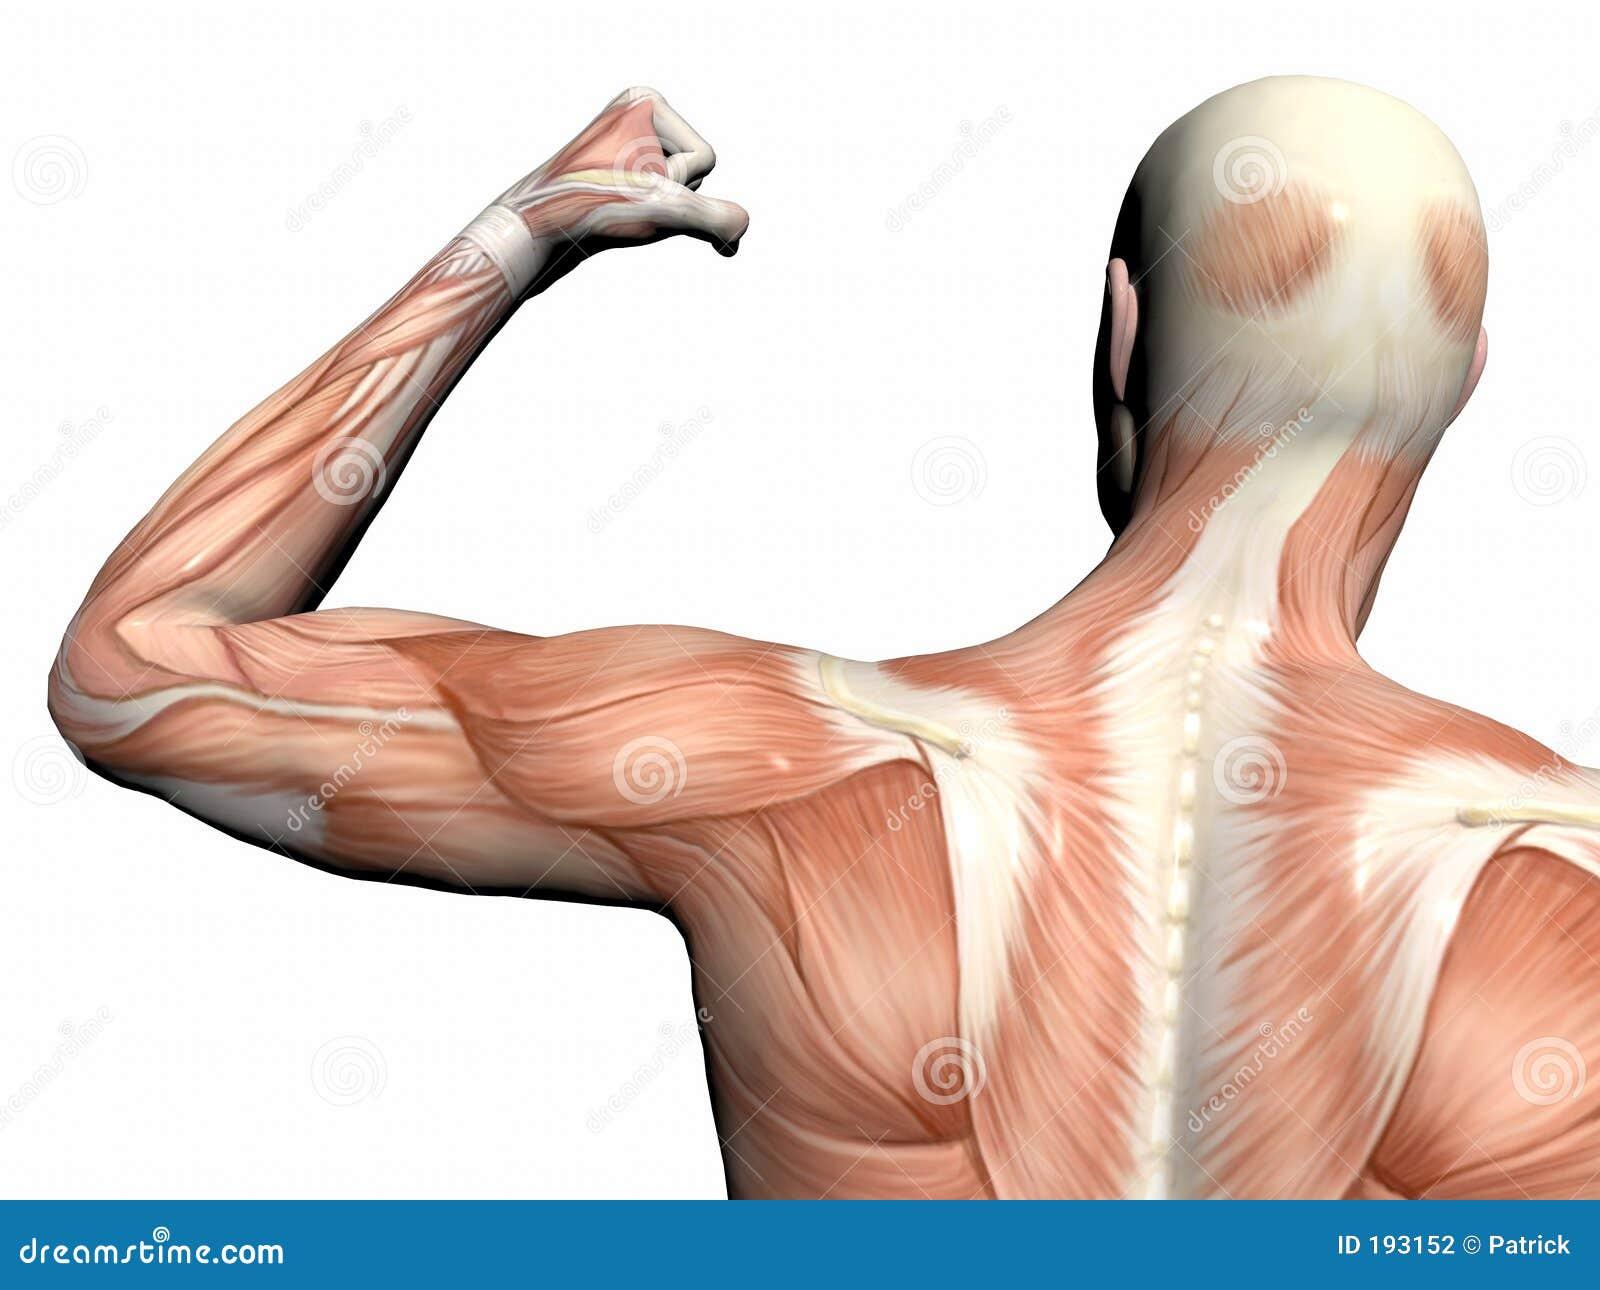 肌肉解剖学的人